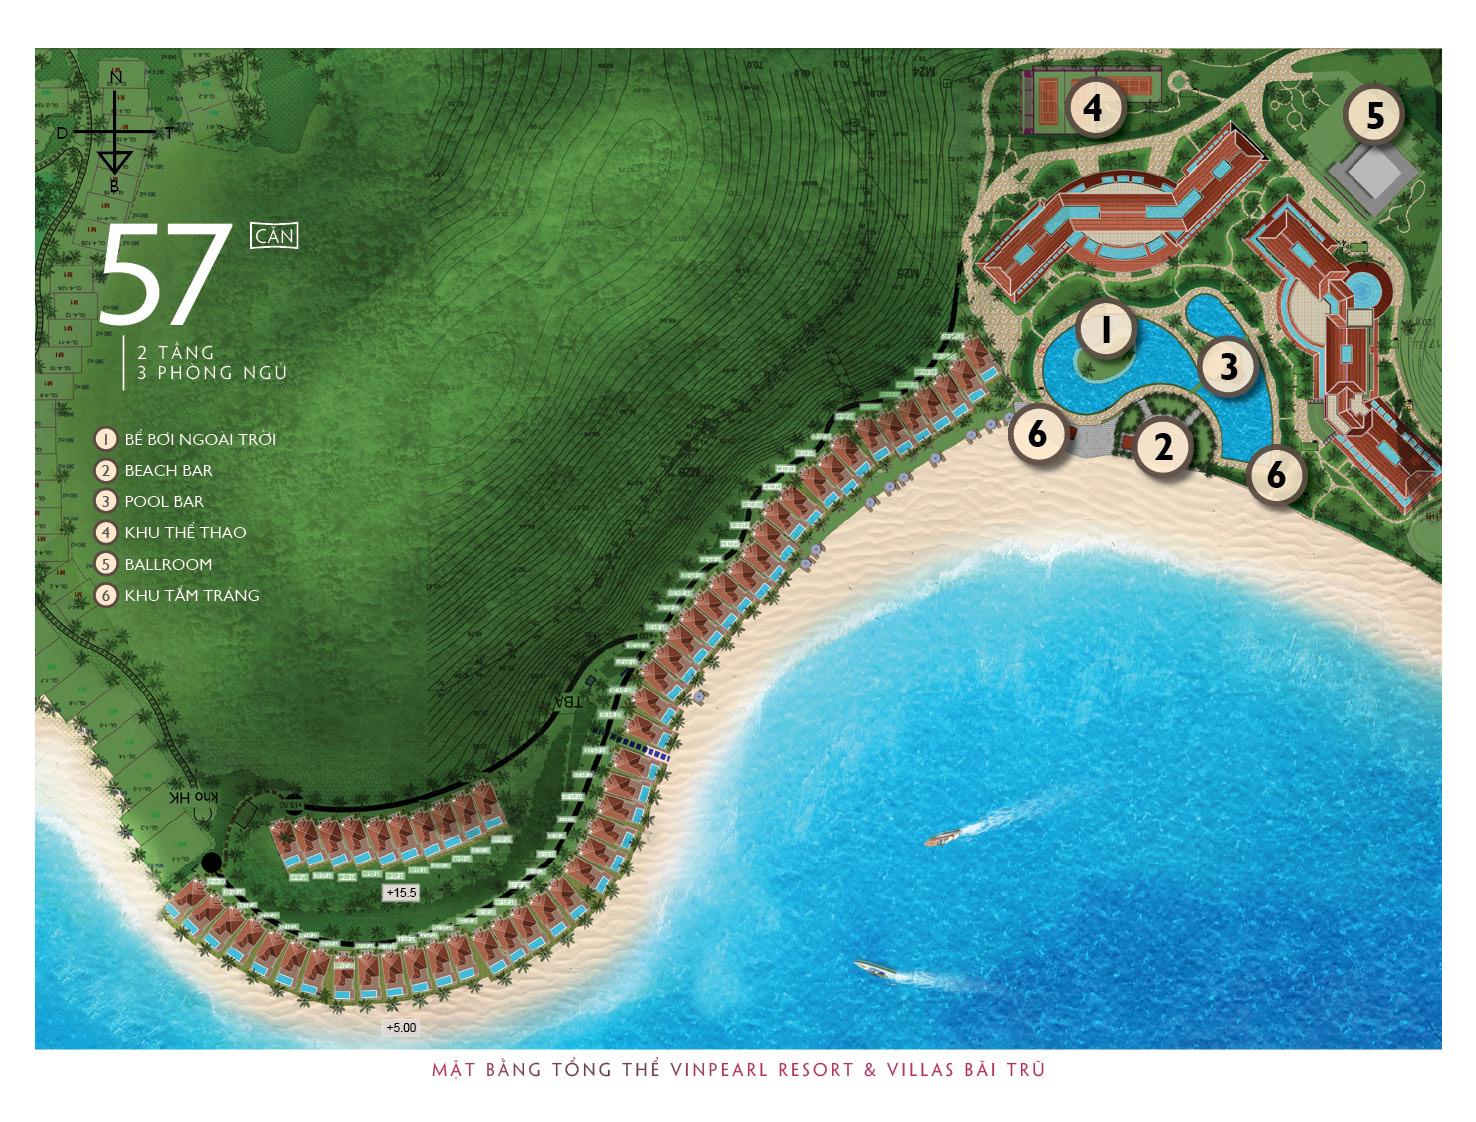 Mặt bằng dự án Vinpearl Nha Trang Resort tại Bãi Trũ